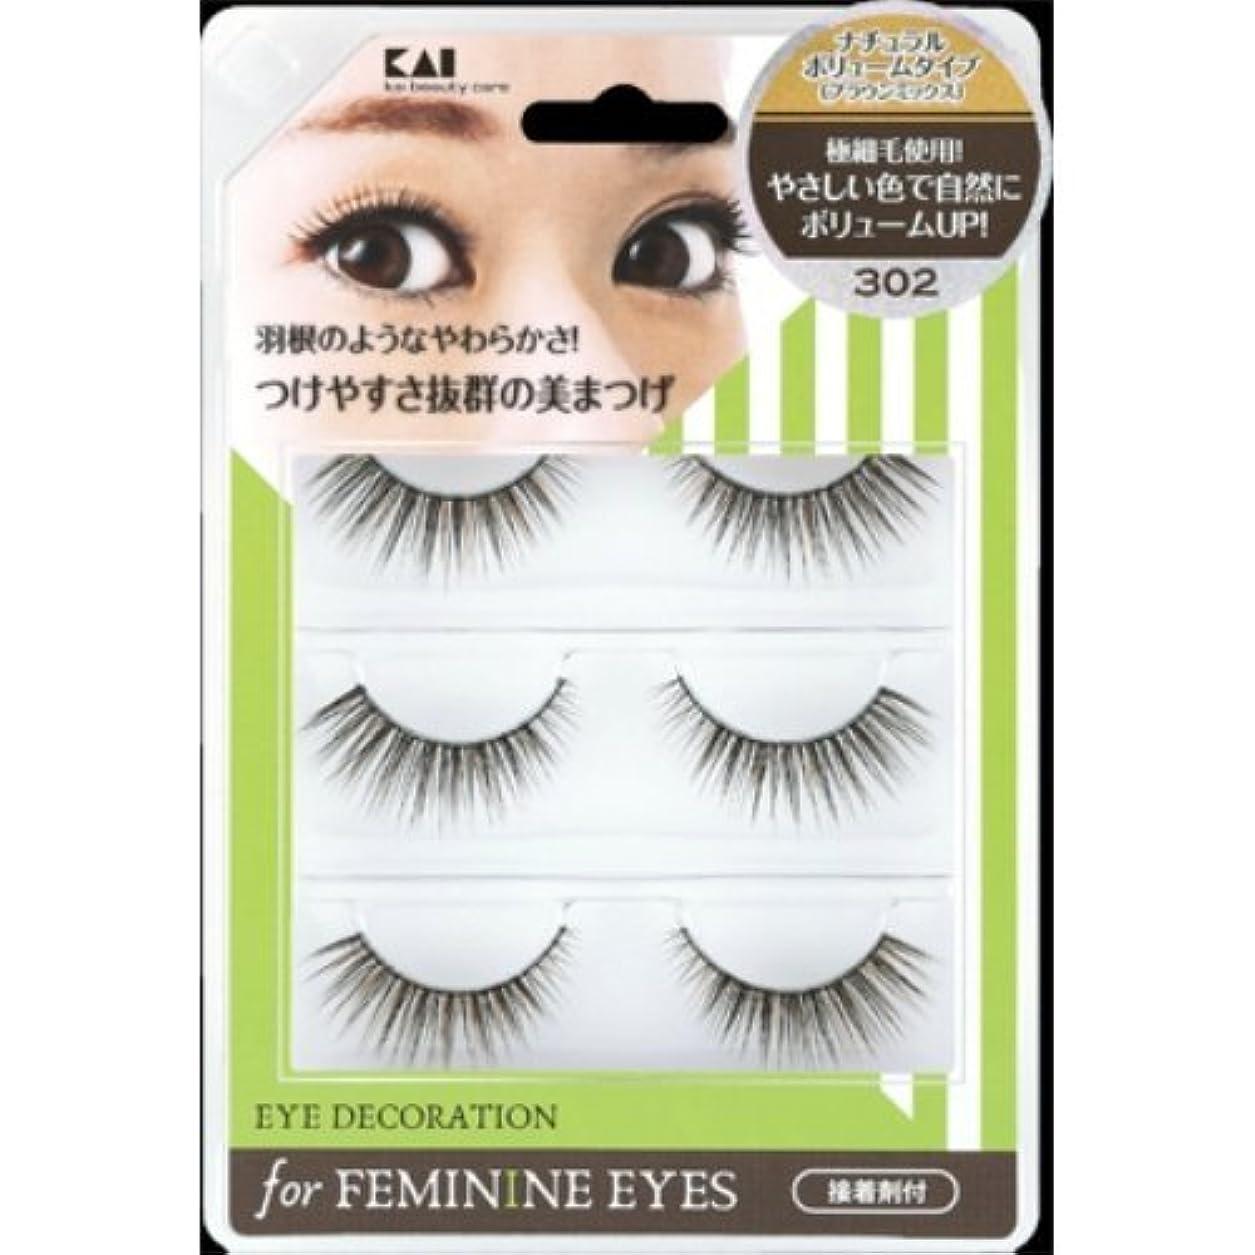 荒廃するスプーン閲覧する貝印 アイデコレーション for feminine eyes 302 HC1562